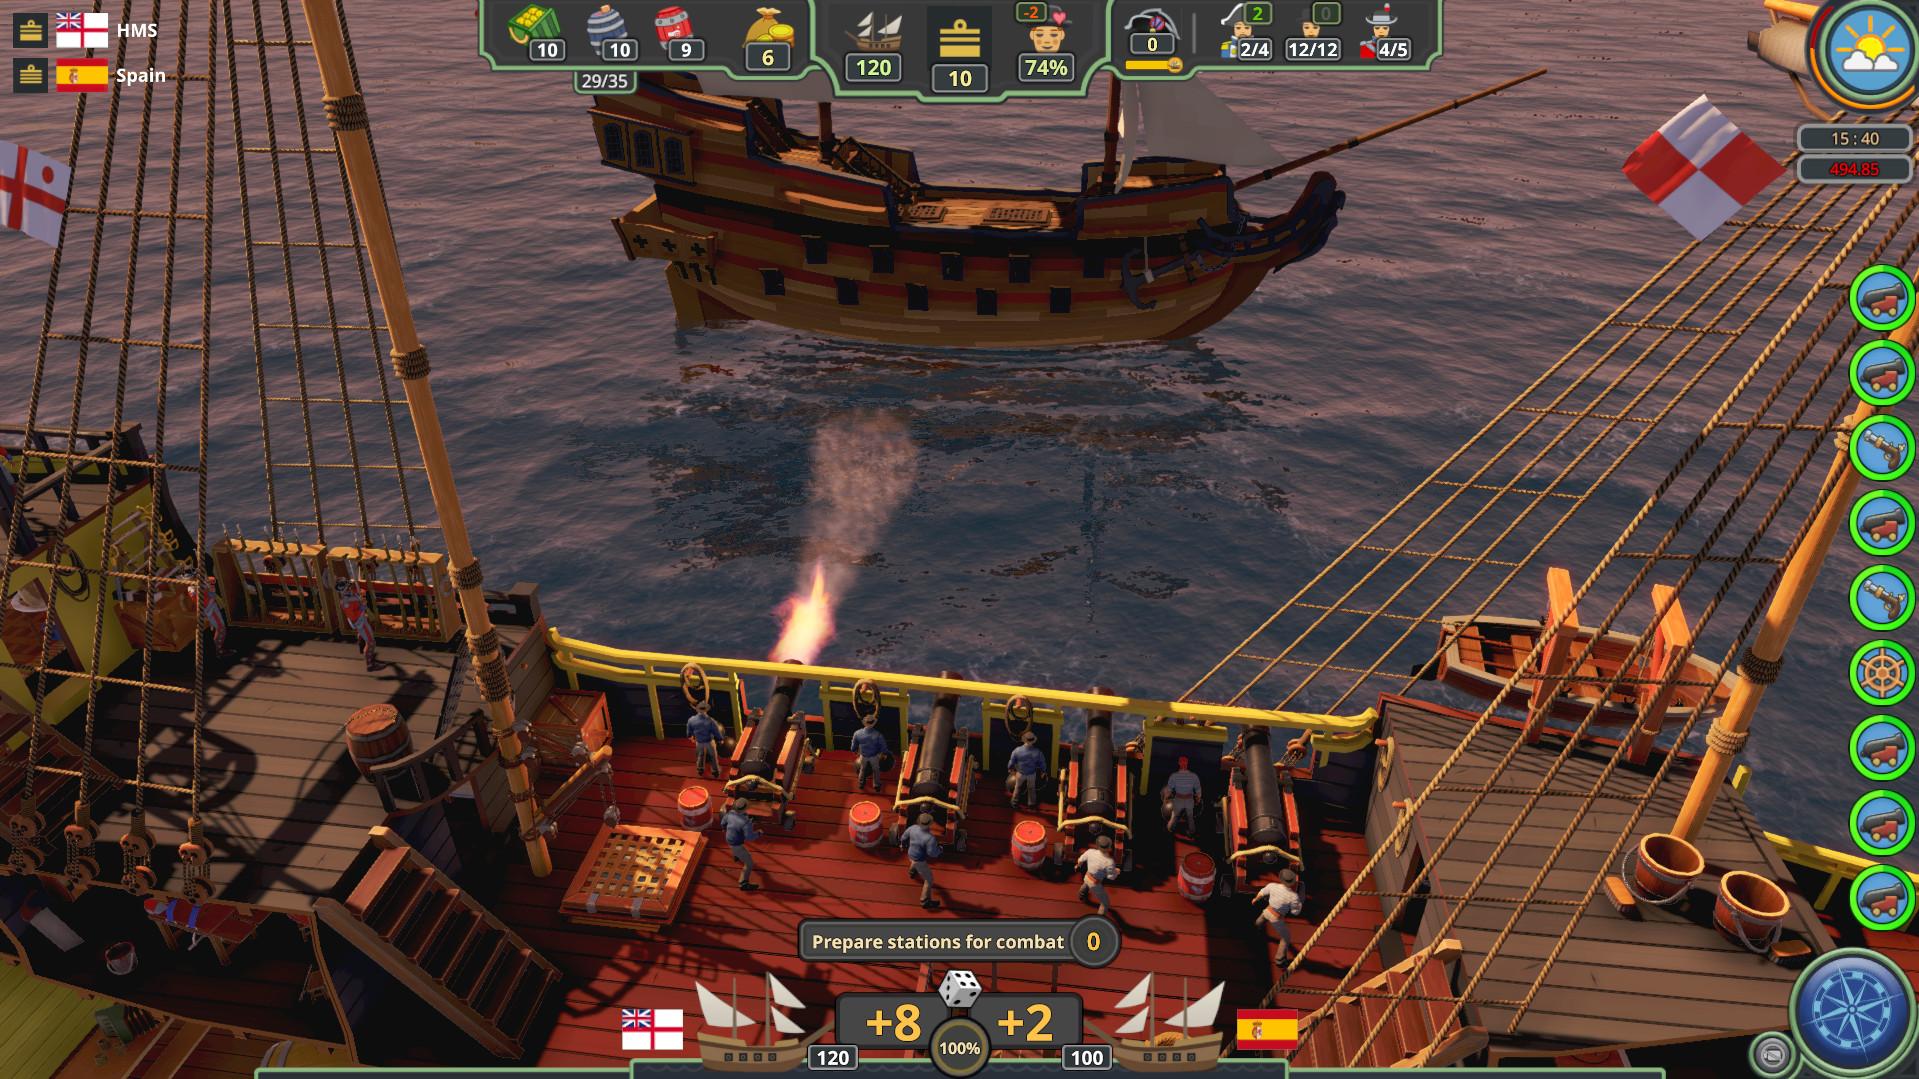 Her Majesty's Ship